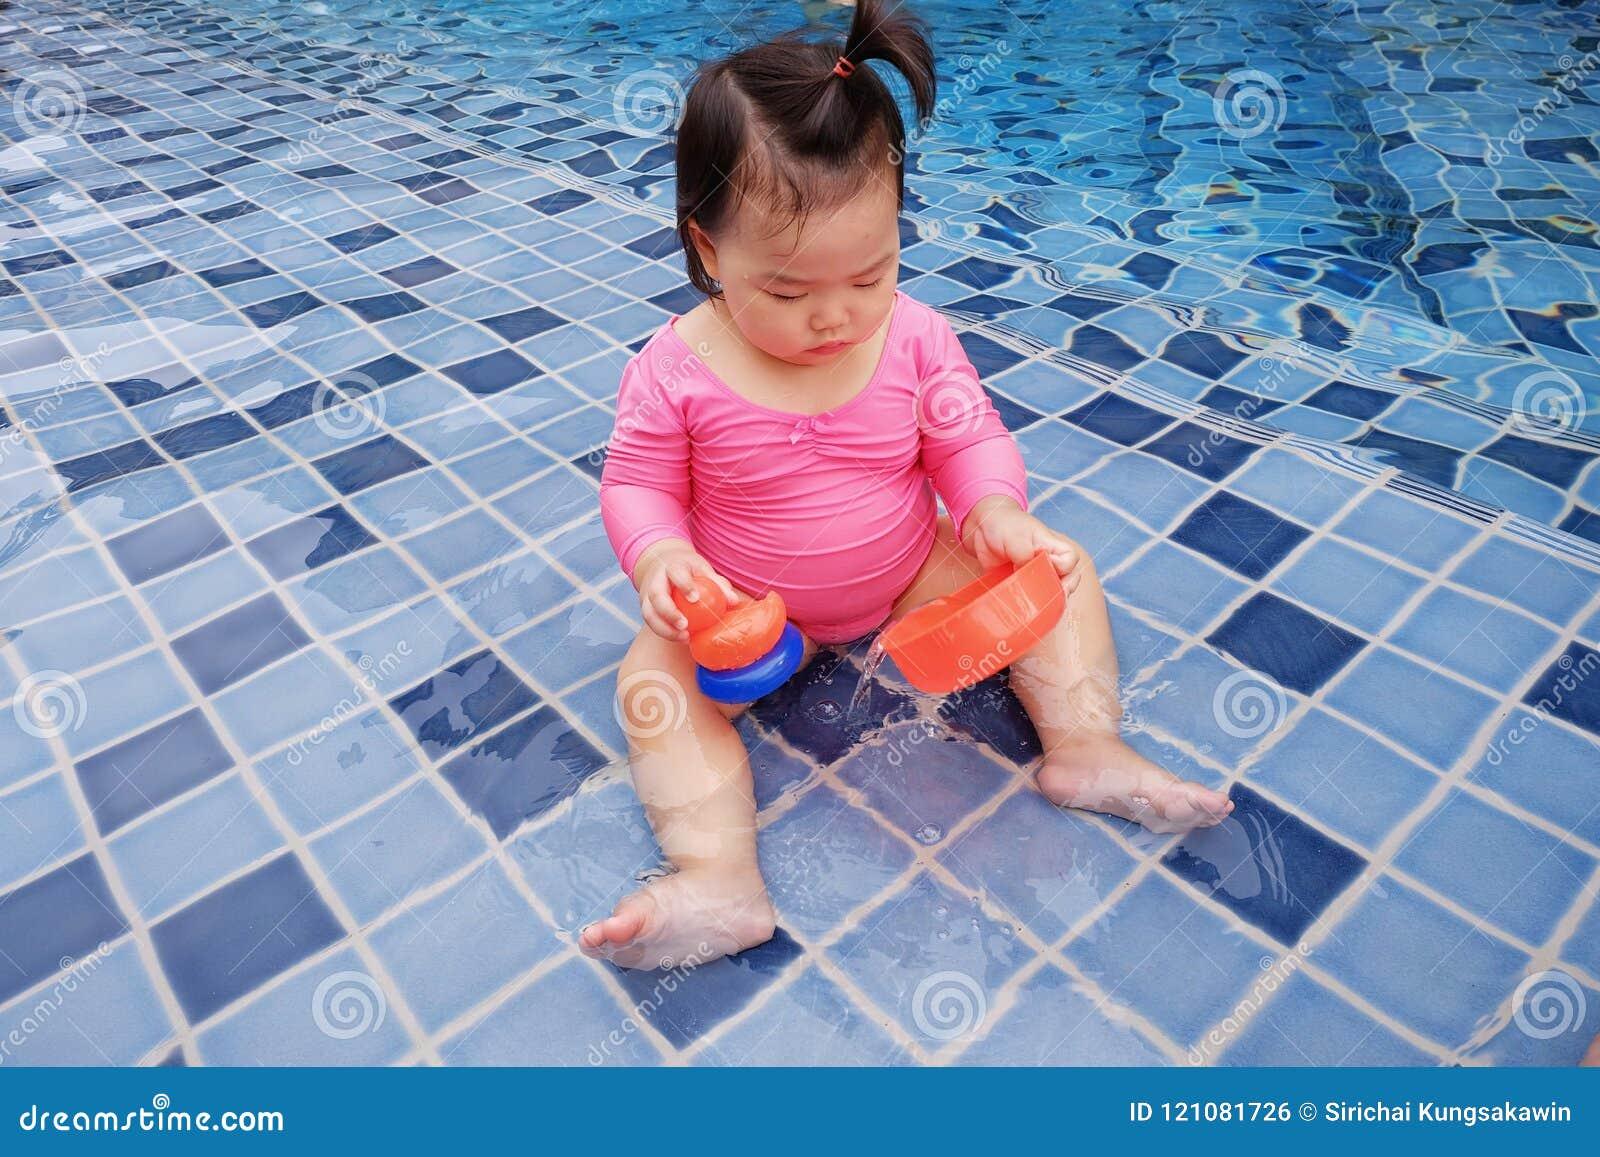 Costumi Da Bagno Per Bambino : Un bambino in costume da bagno rosa fotografia stock immagine di